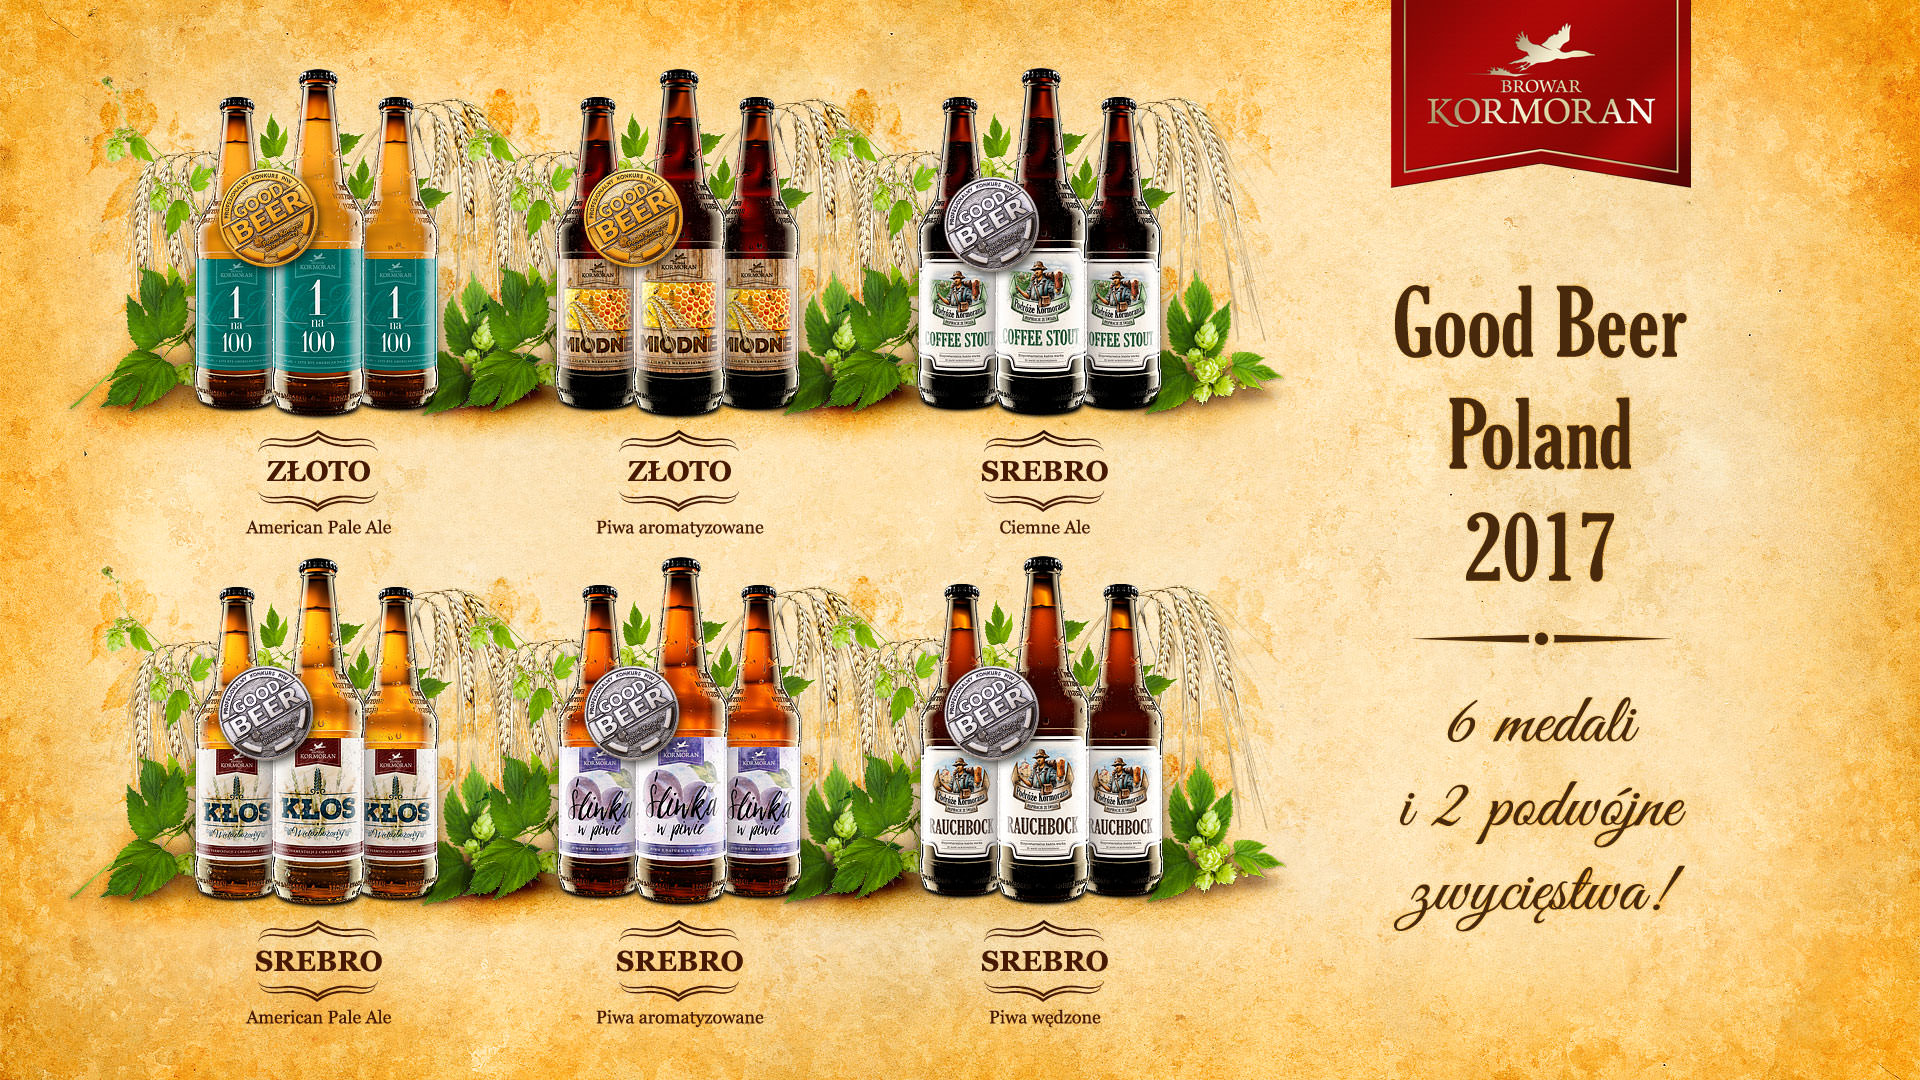 Browar Kormoran na Good Beer Poland 2017